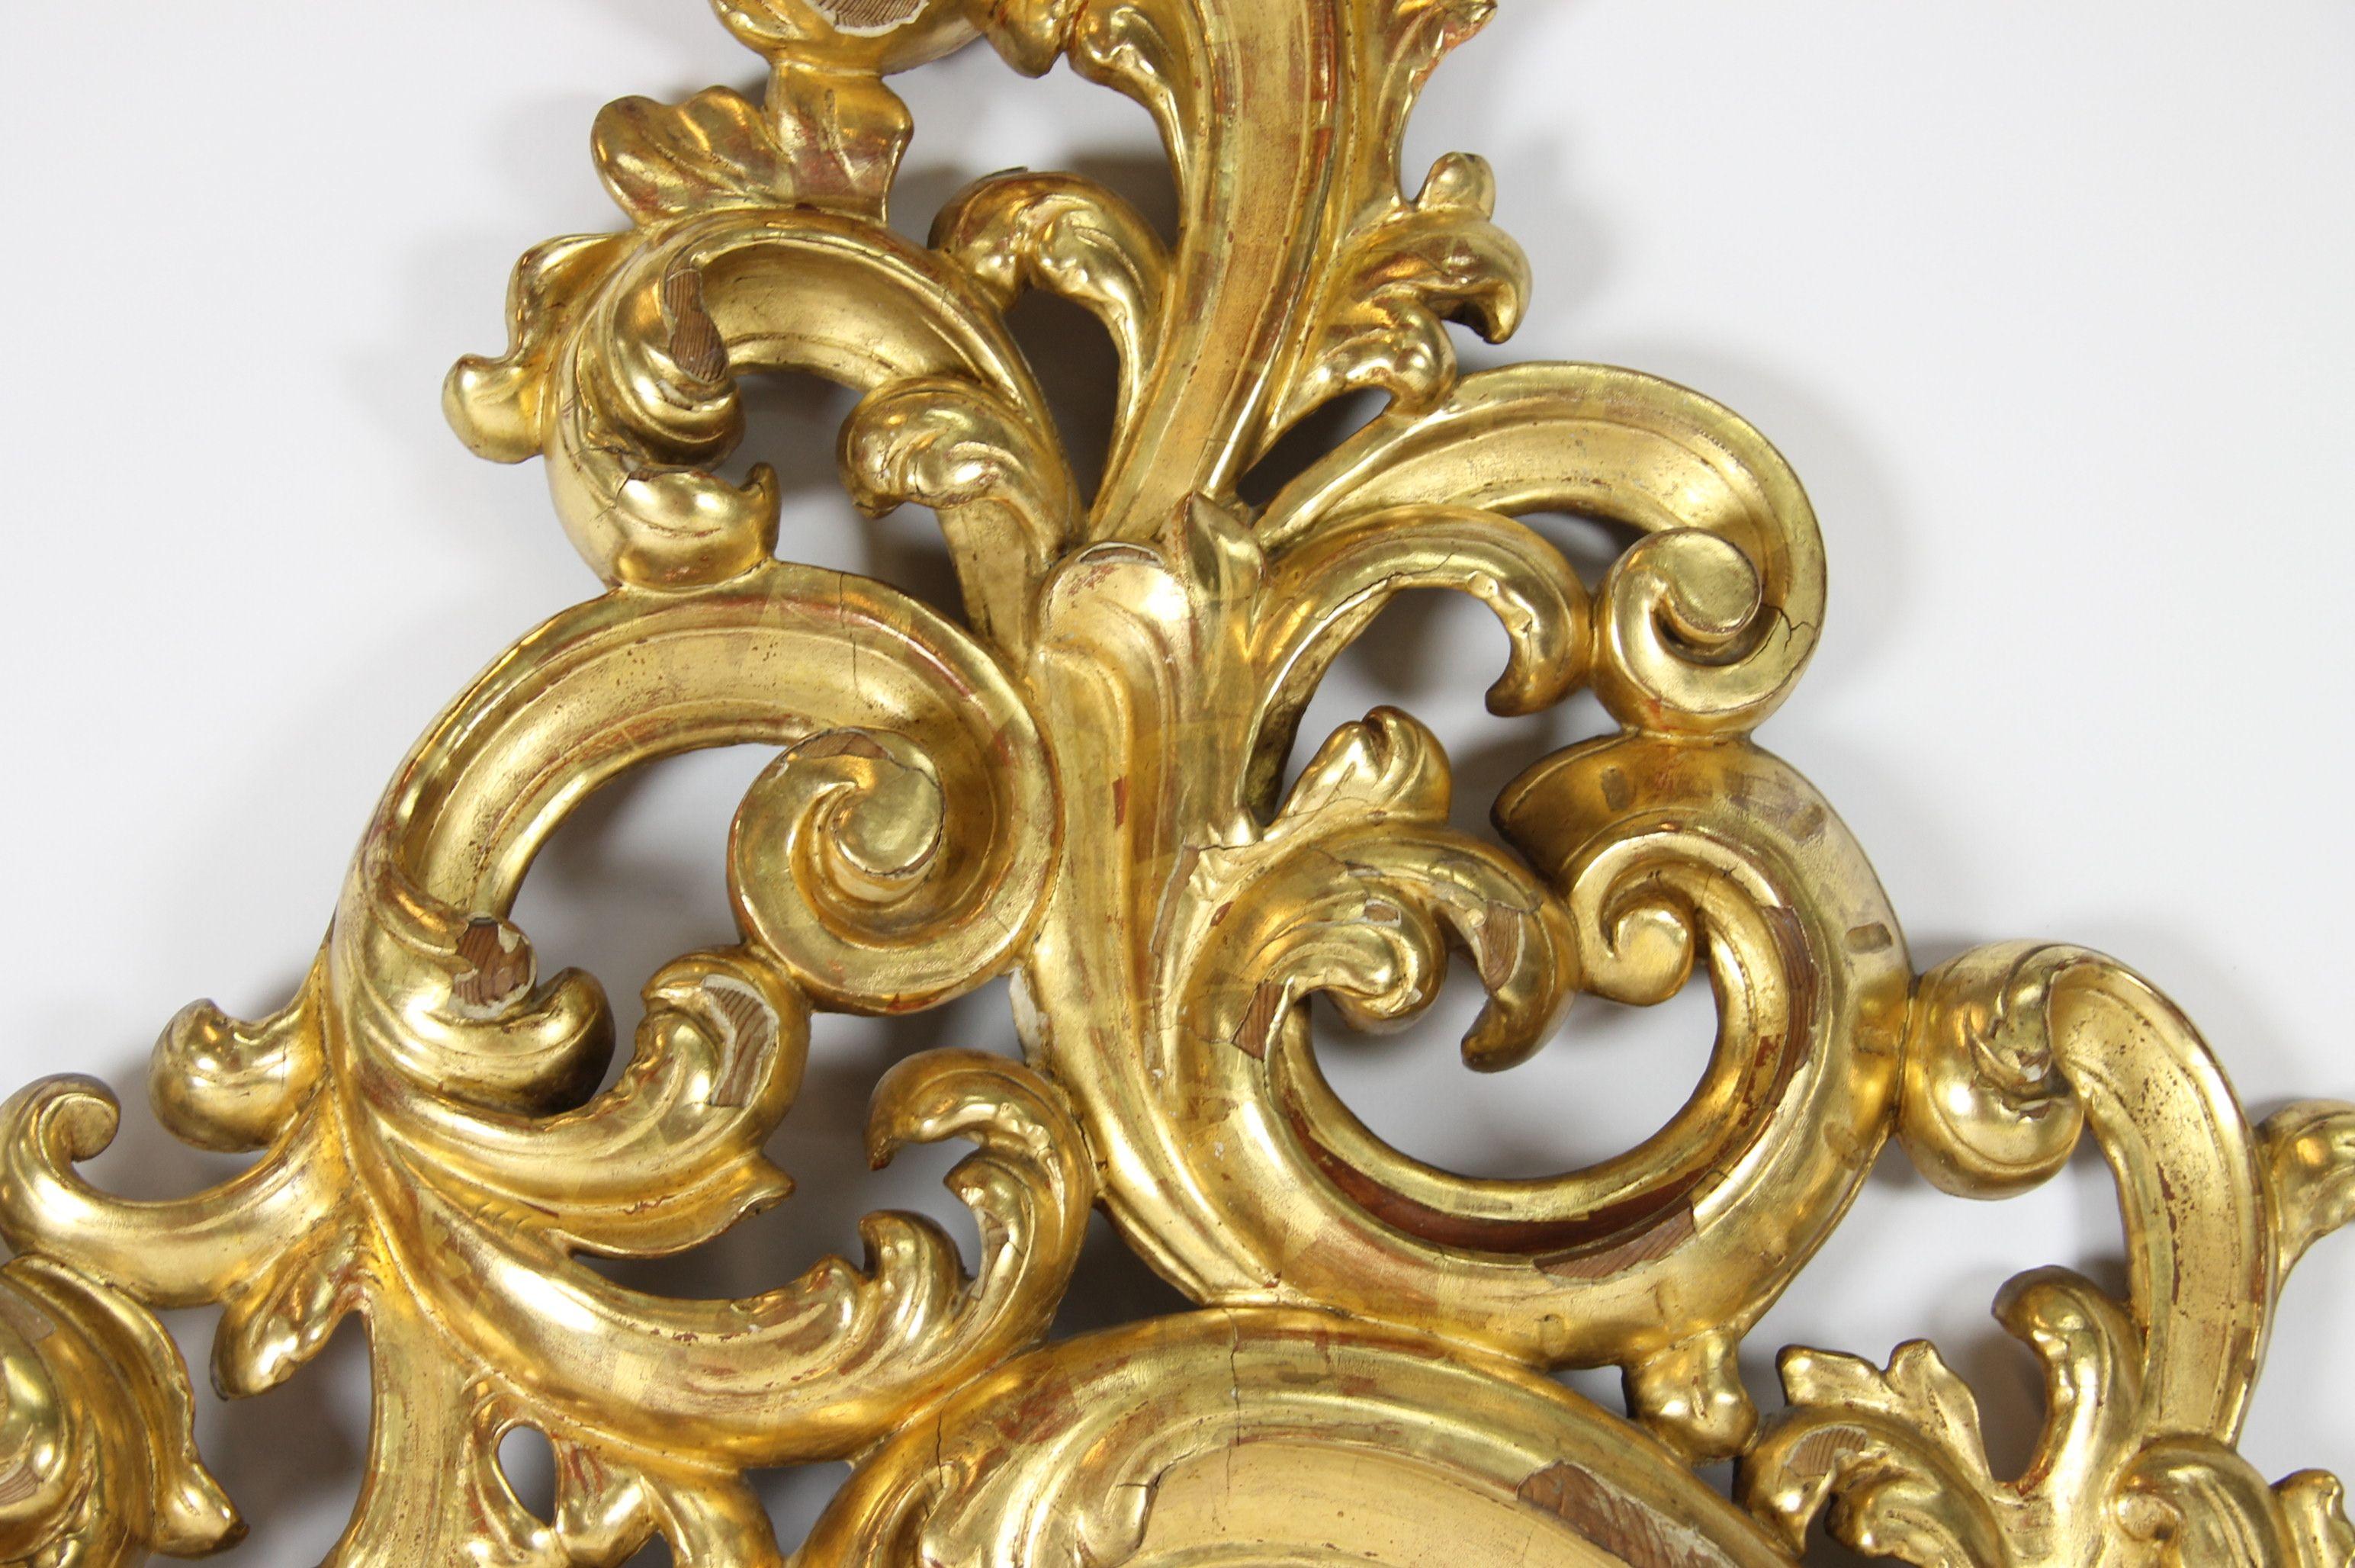 Espejo cornucopia estilo isabelino en madera dorada al pan - Pintura dorada para madera ...